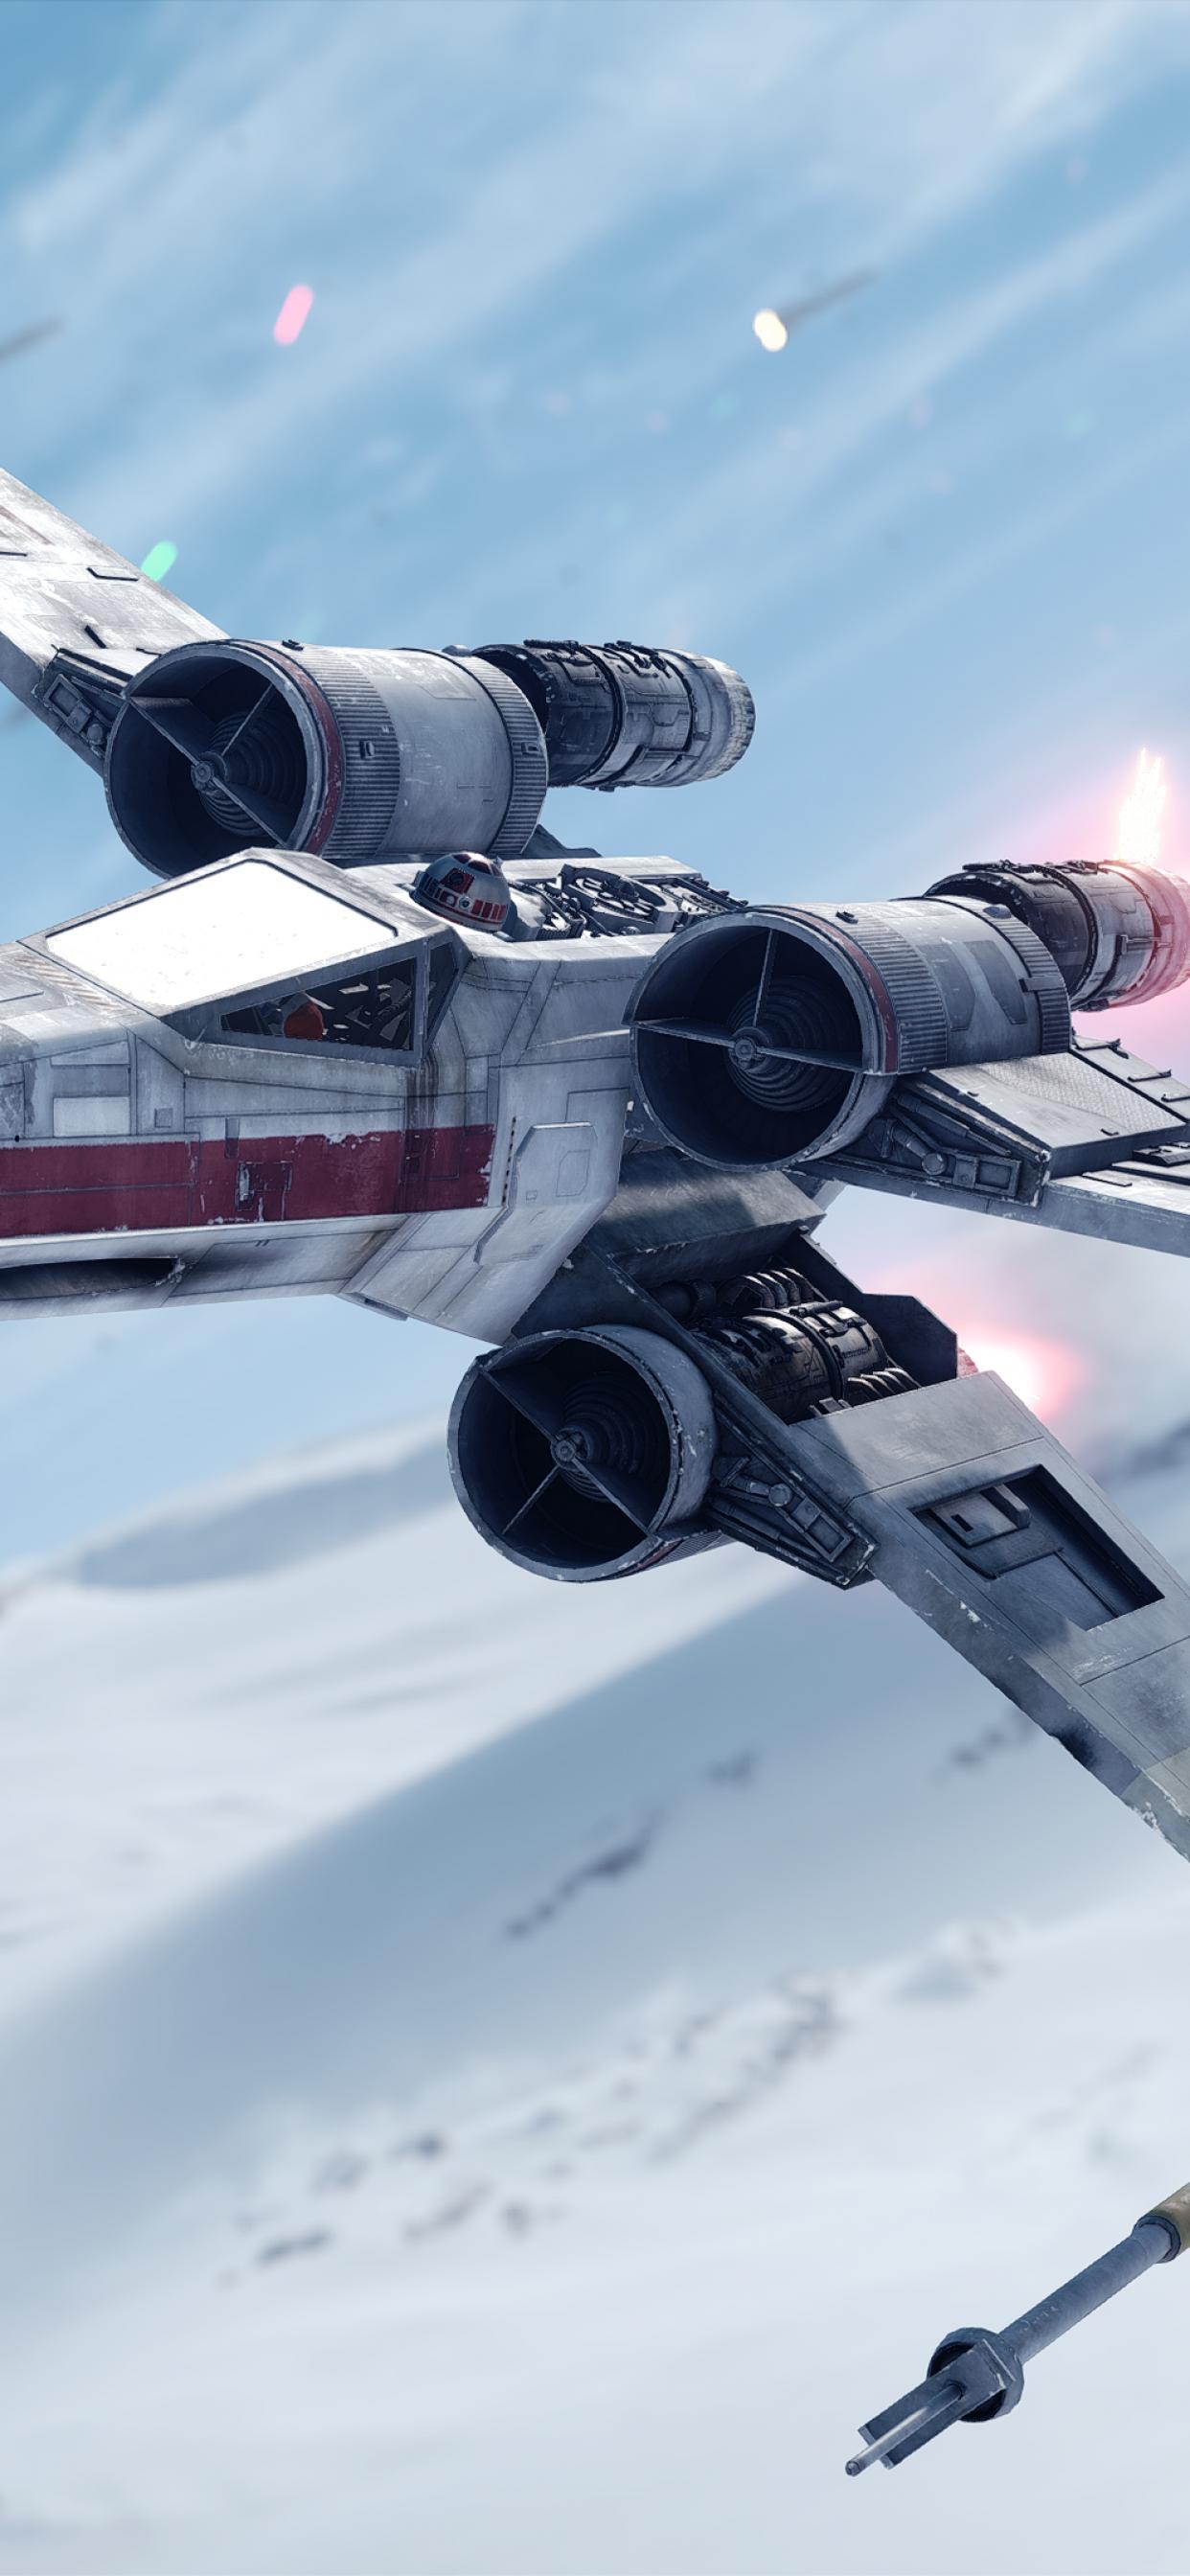 X Wing Starfighter Wallpaper 4k Star Wars Battlefront Spacecraft Games 1157